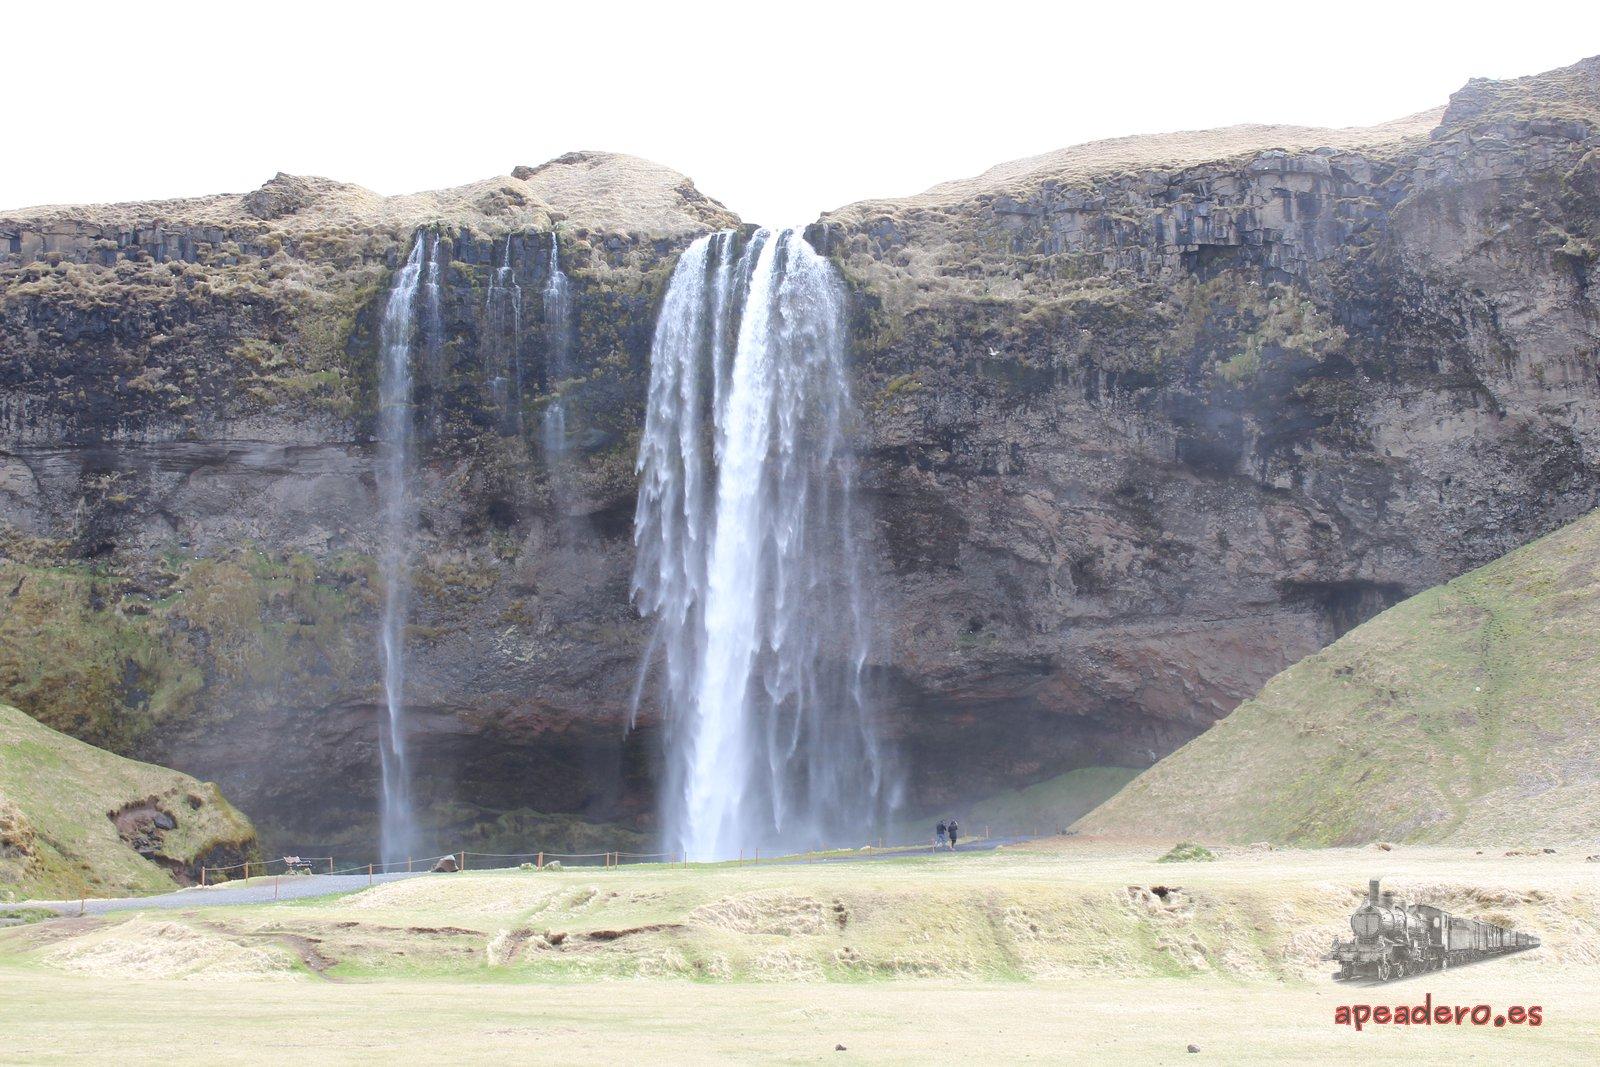 La catarata de Seljalandsfoss no llevaba mucha agua ese día.